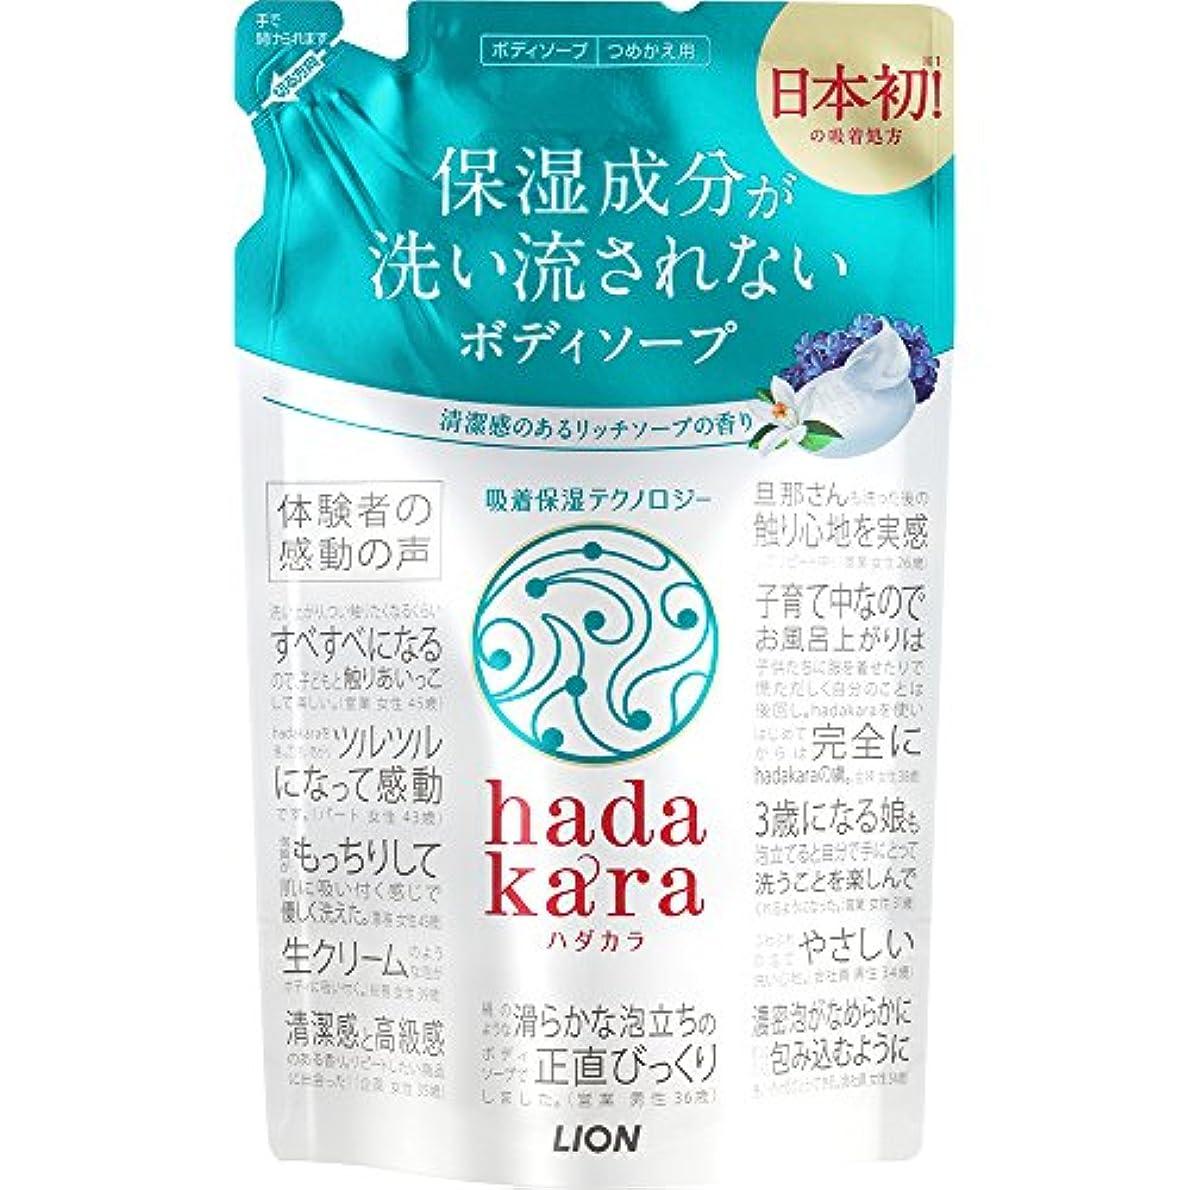 手配するバング能力hadakara(ハダカラ) ボディソープ リッチソープの香り 詰め替え 360ml